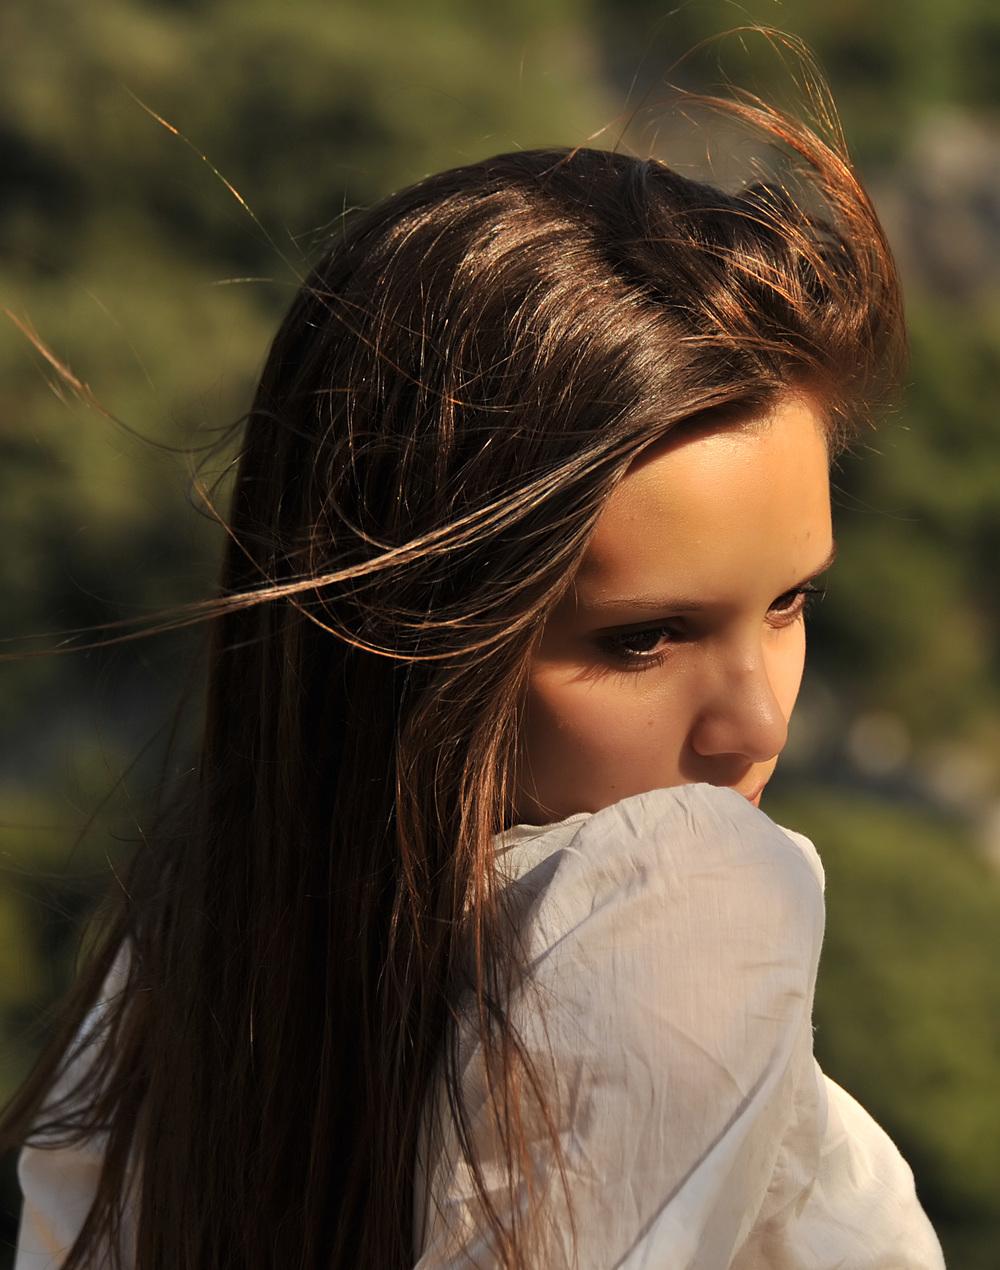 Valeria-nah2.jpg